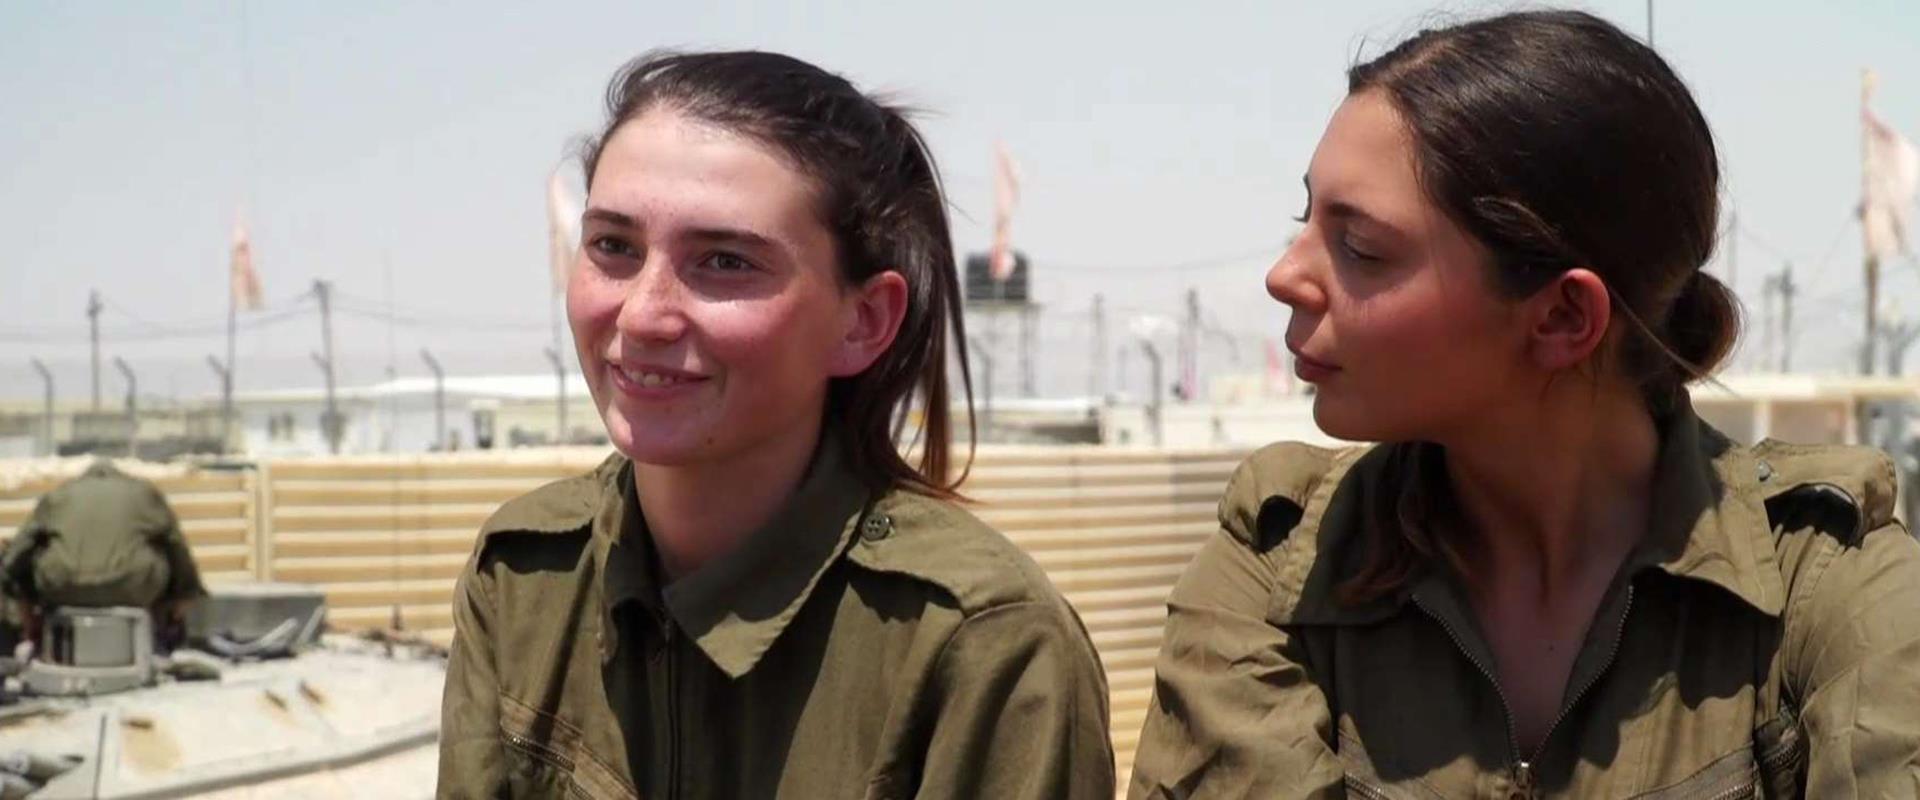 """""""יכולות הכול"""": הצצה לפעילות של הבנות שבחרו בטנקים"""